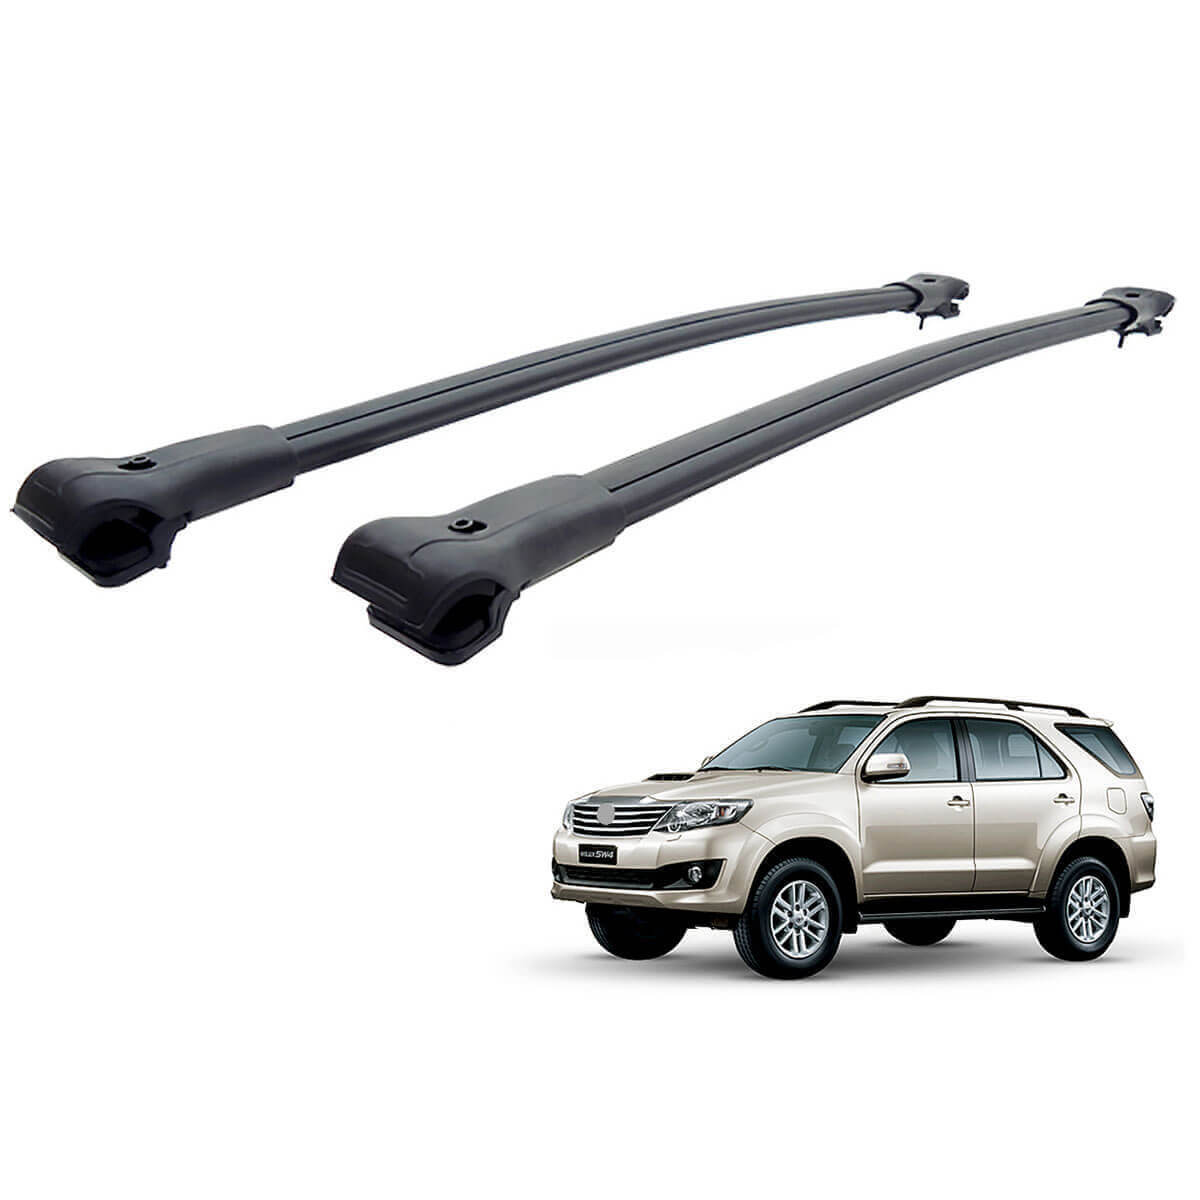 Travessa rack de teto larga preta alumínio SW4 2005 a 2015